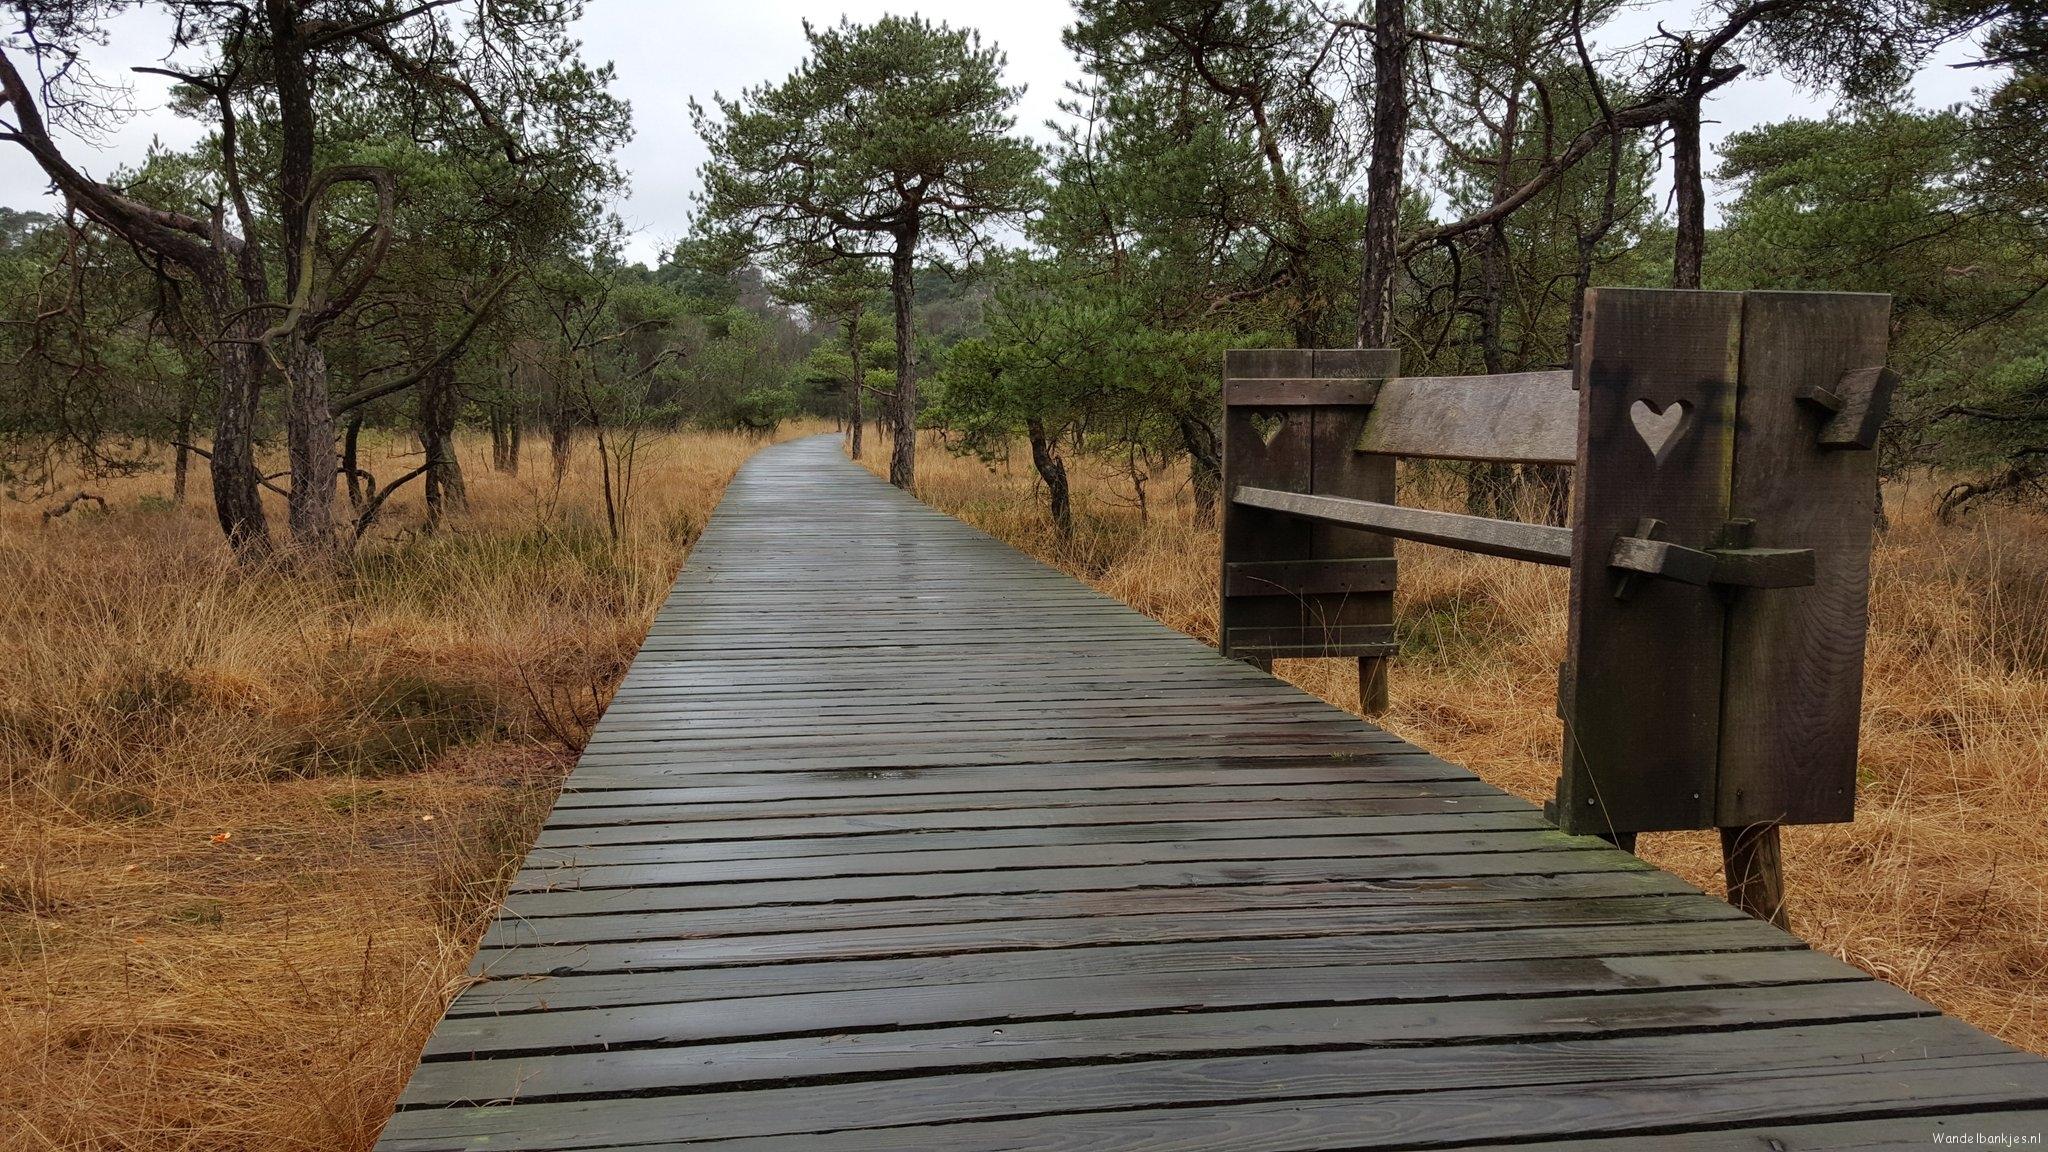 rt-hansterheijne-walking-benches-myfavebench-twickel-umfassungsweg-delden-twente-https-t-co-nqwns7yvab